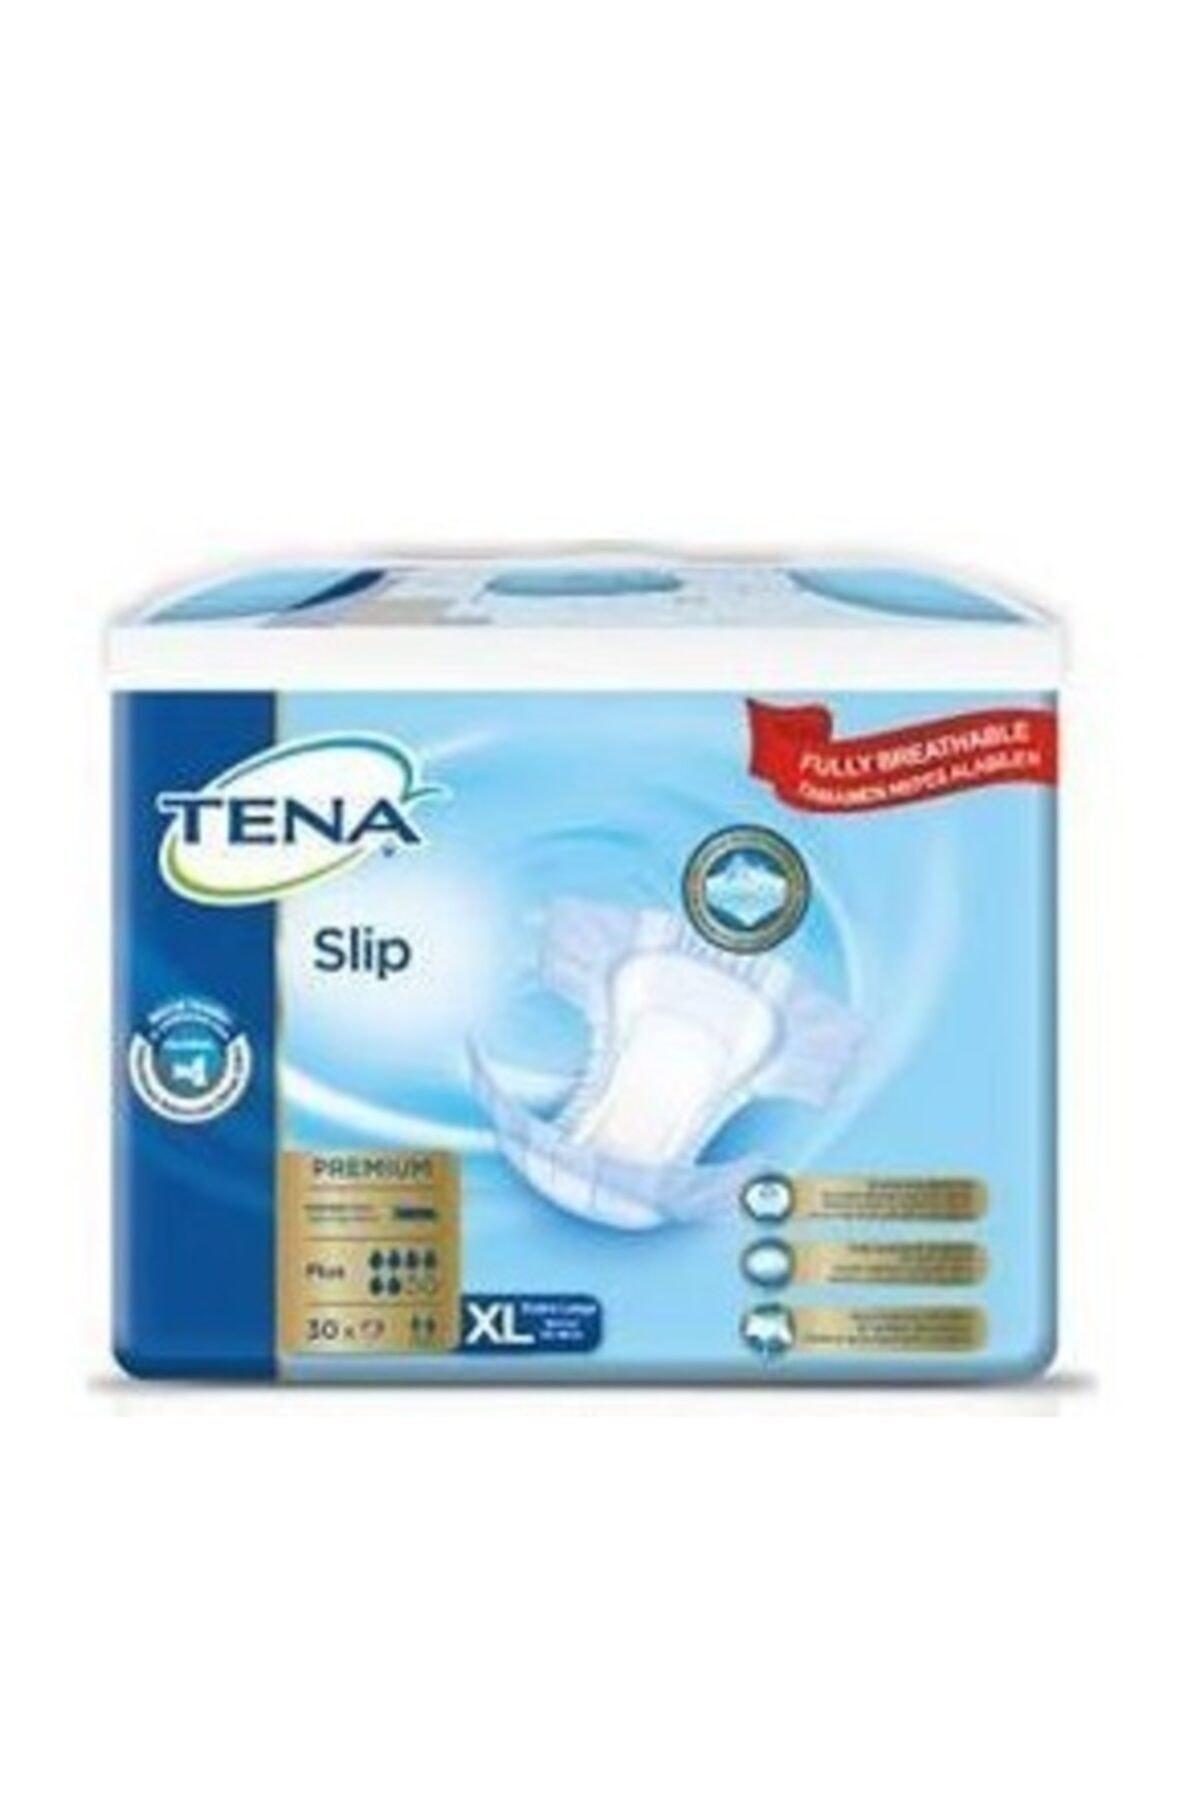 TENA Slip Premium Plus Hasta Bezi 30'u - Xlarge 1